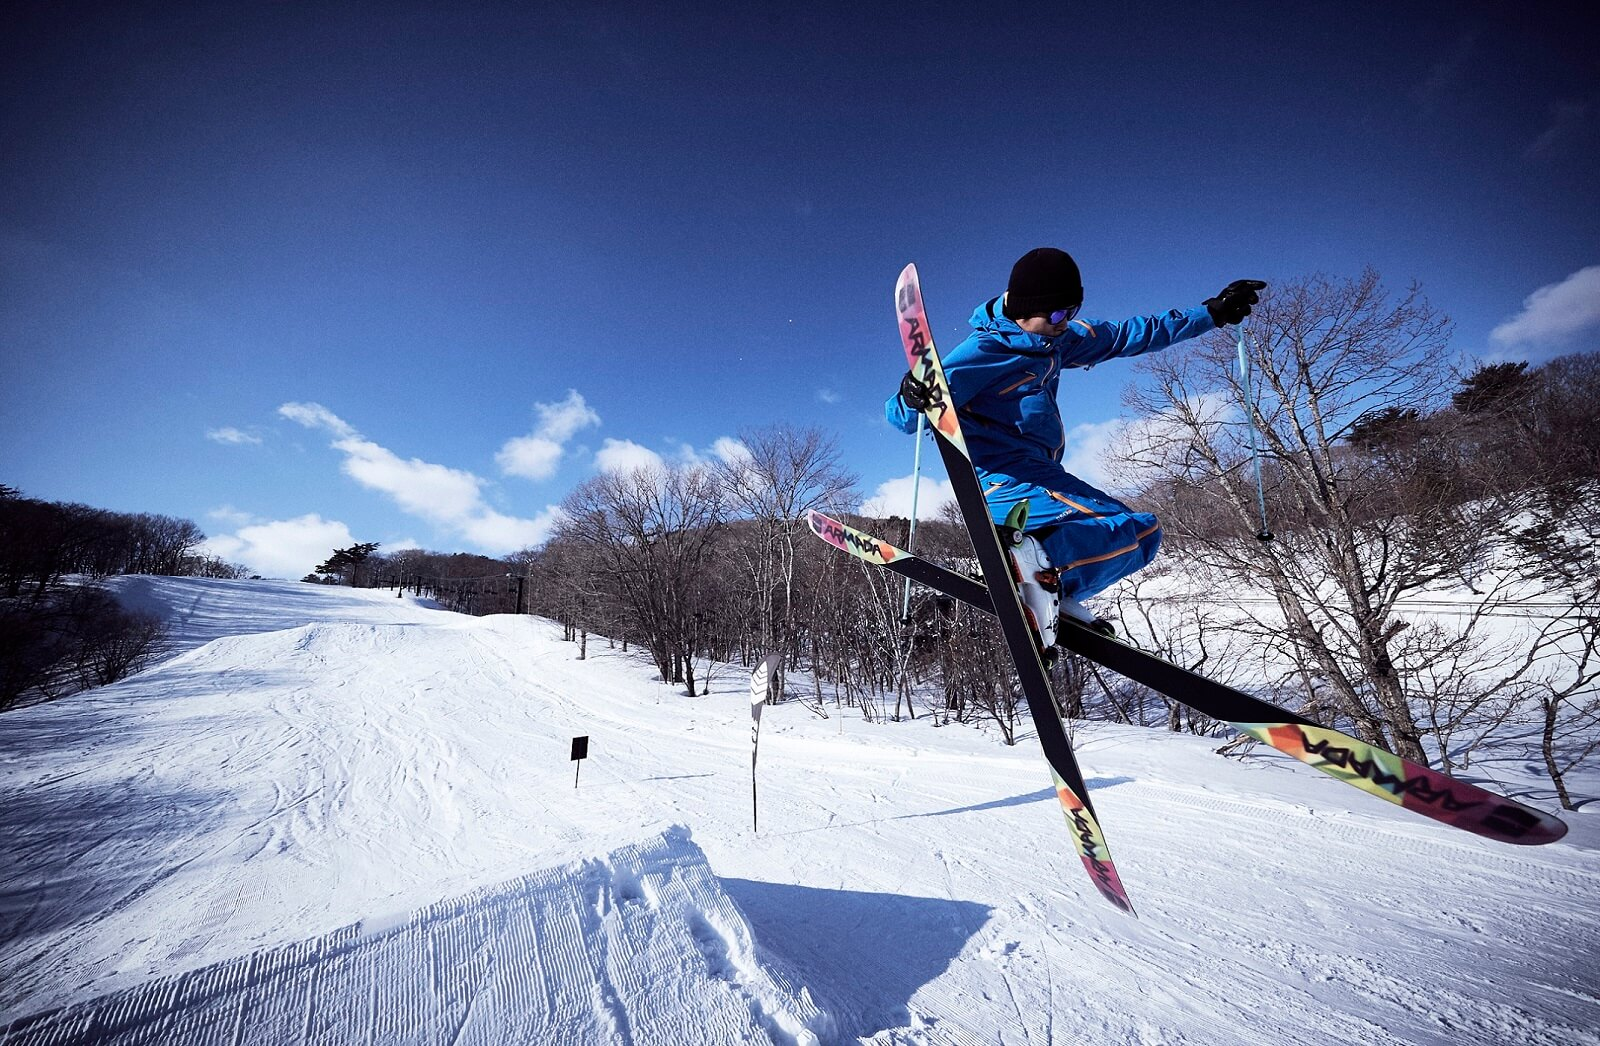 星野 リゾート 猫魔 スキー 場